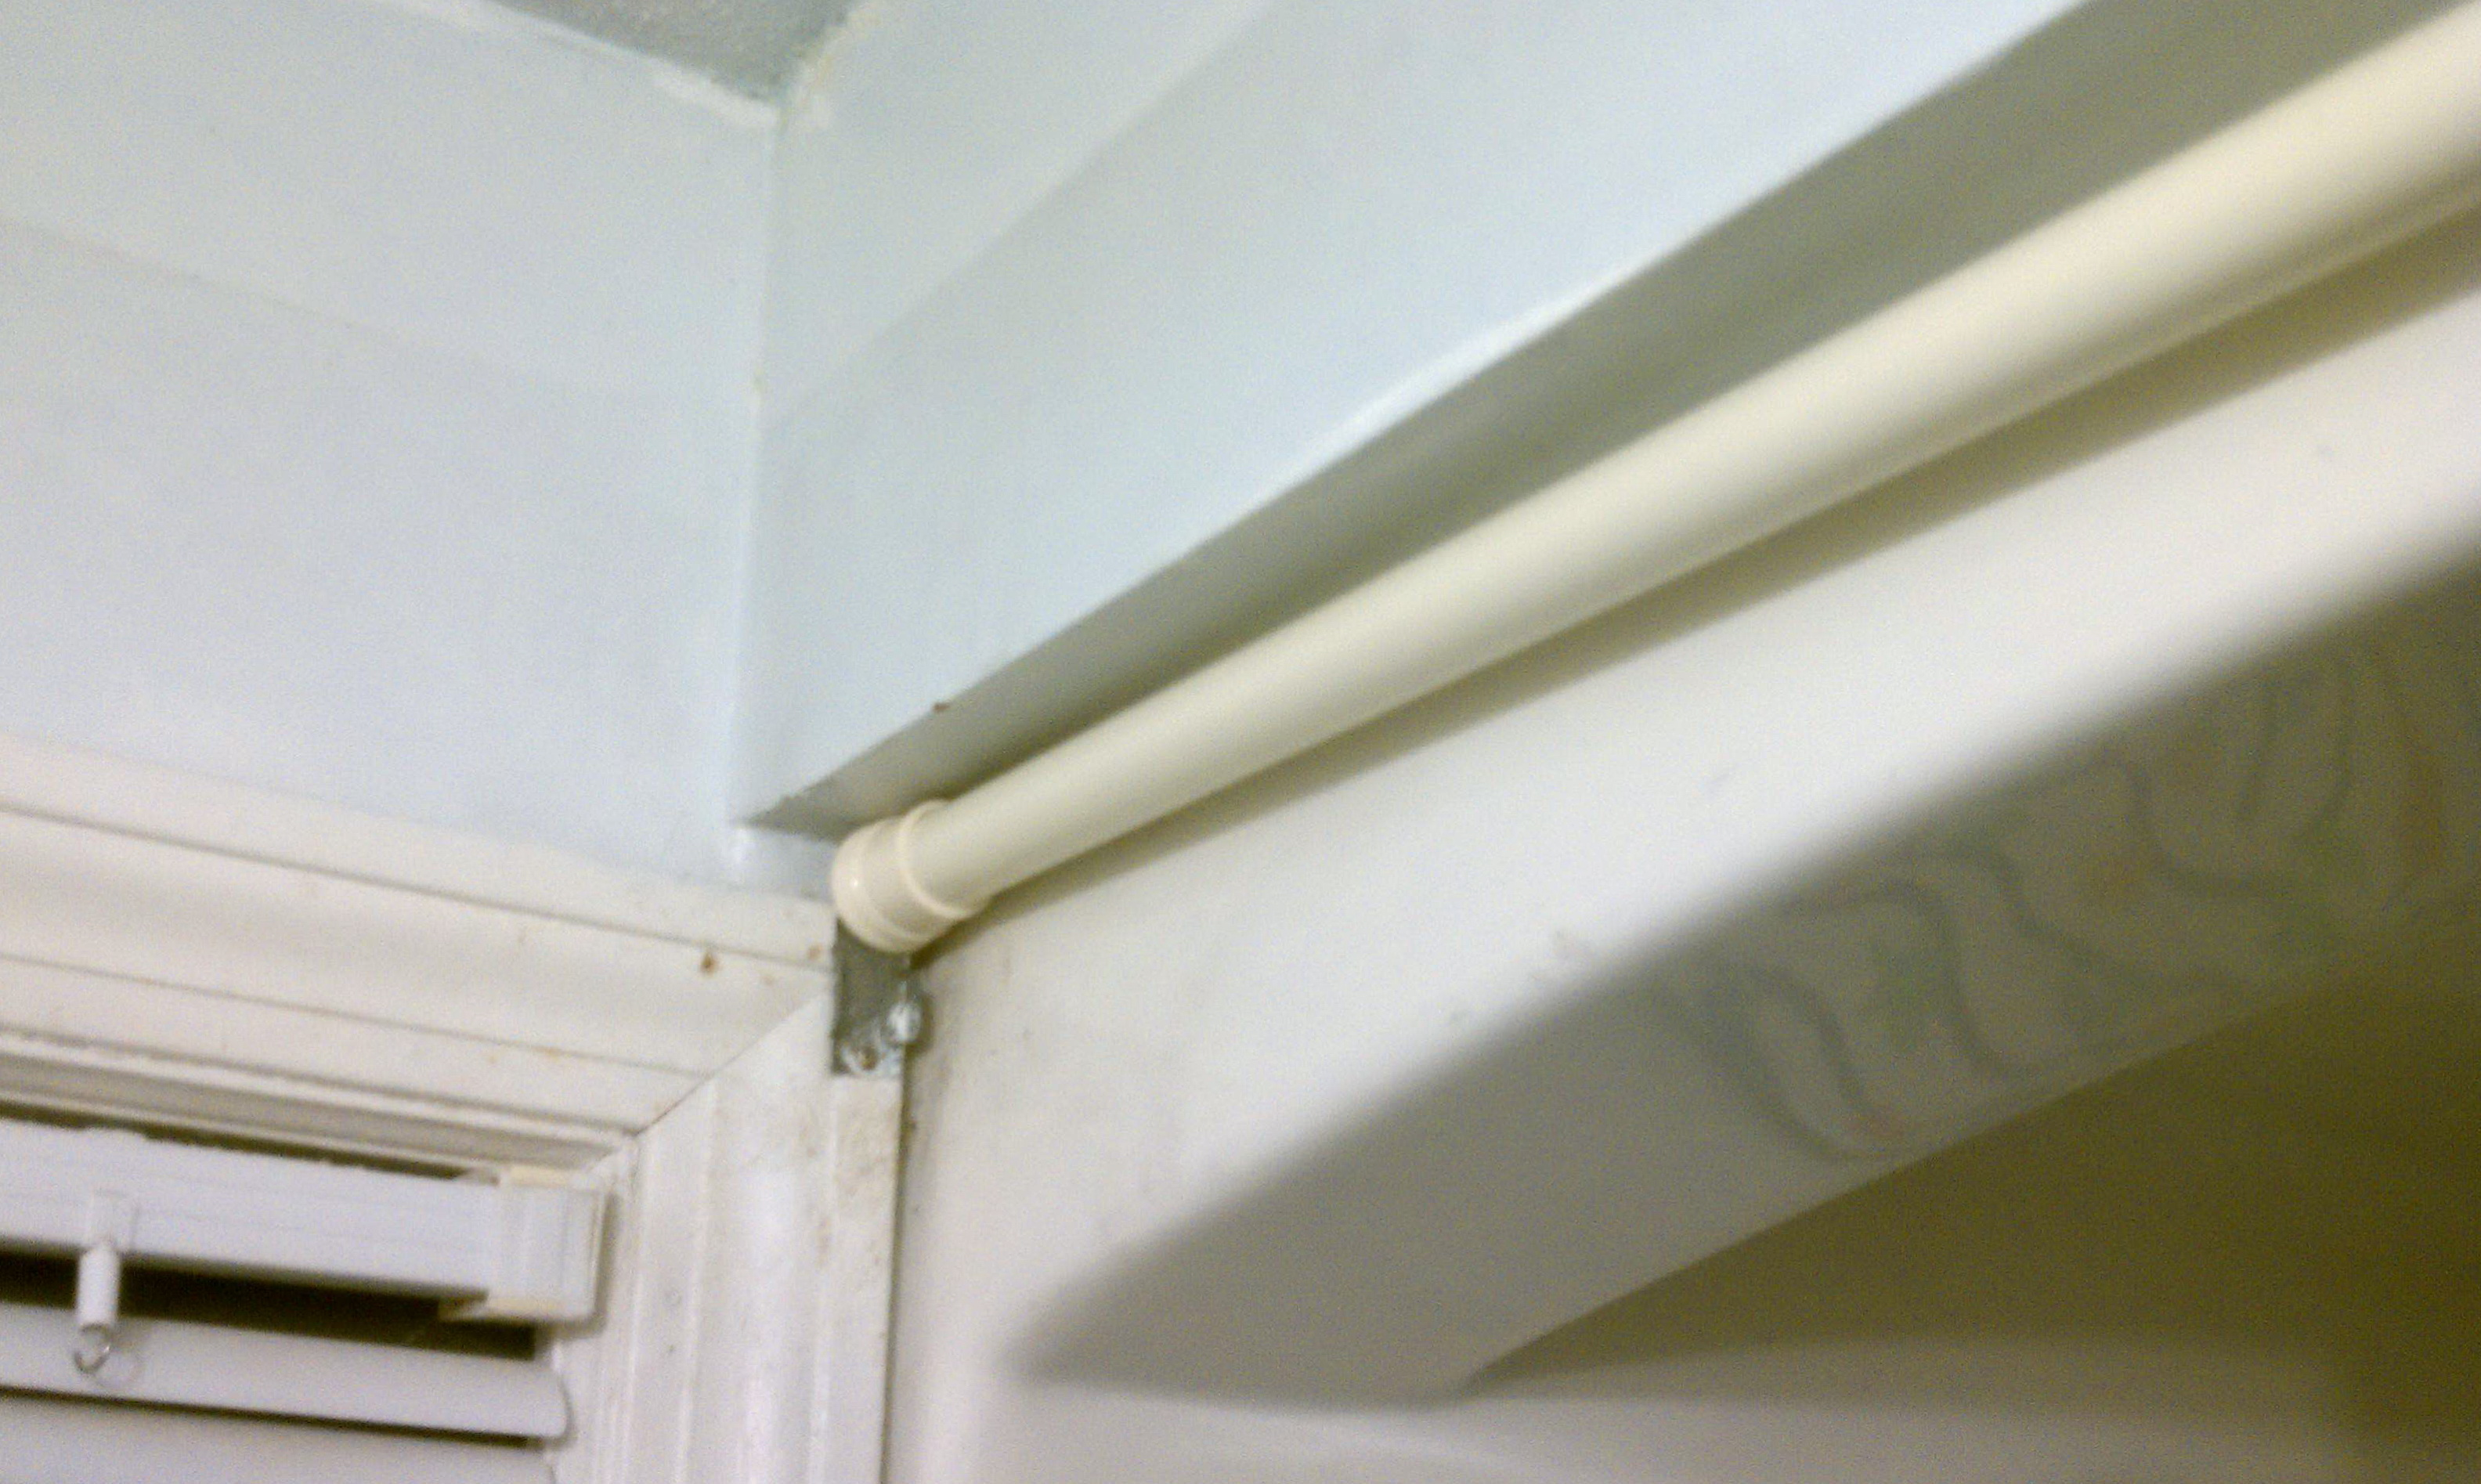 Inside Mount Curtain Rod Hardware Home Design Ideas